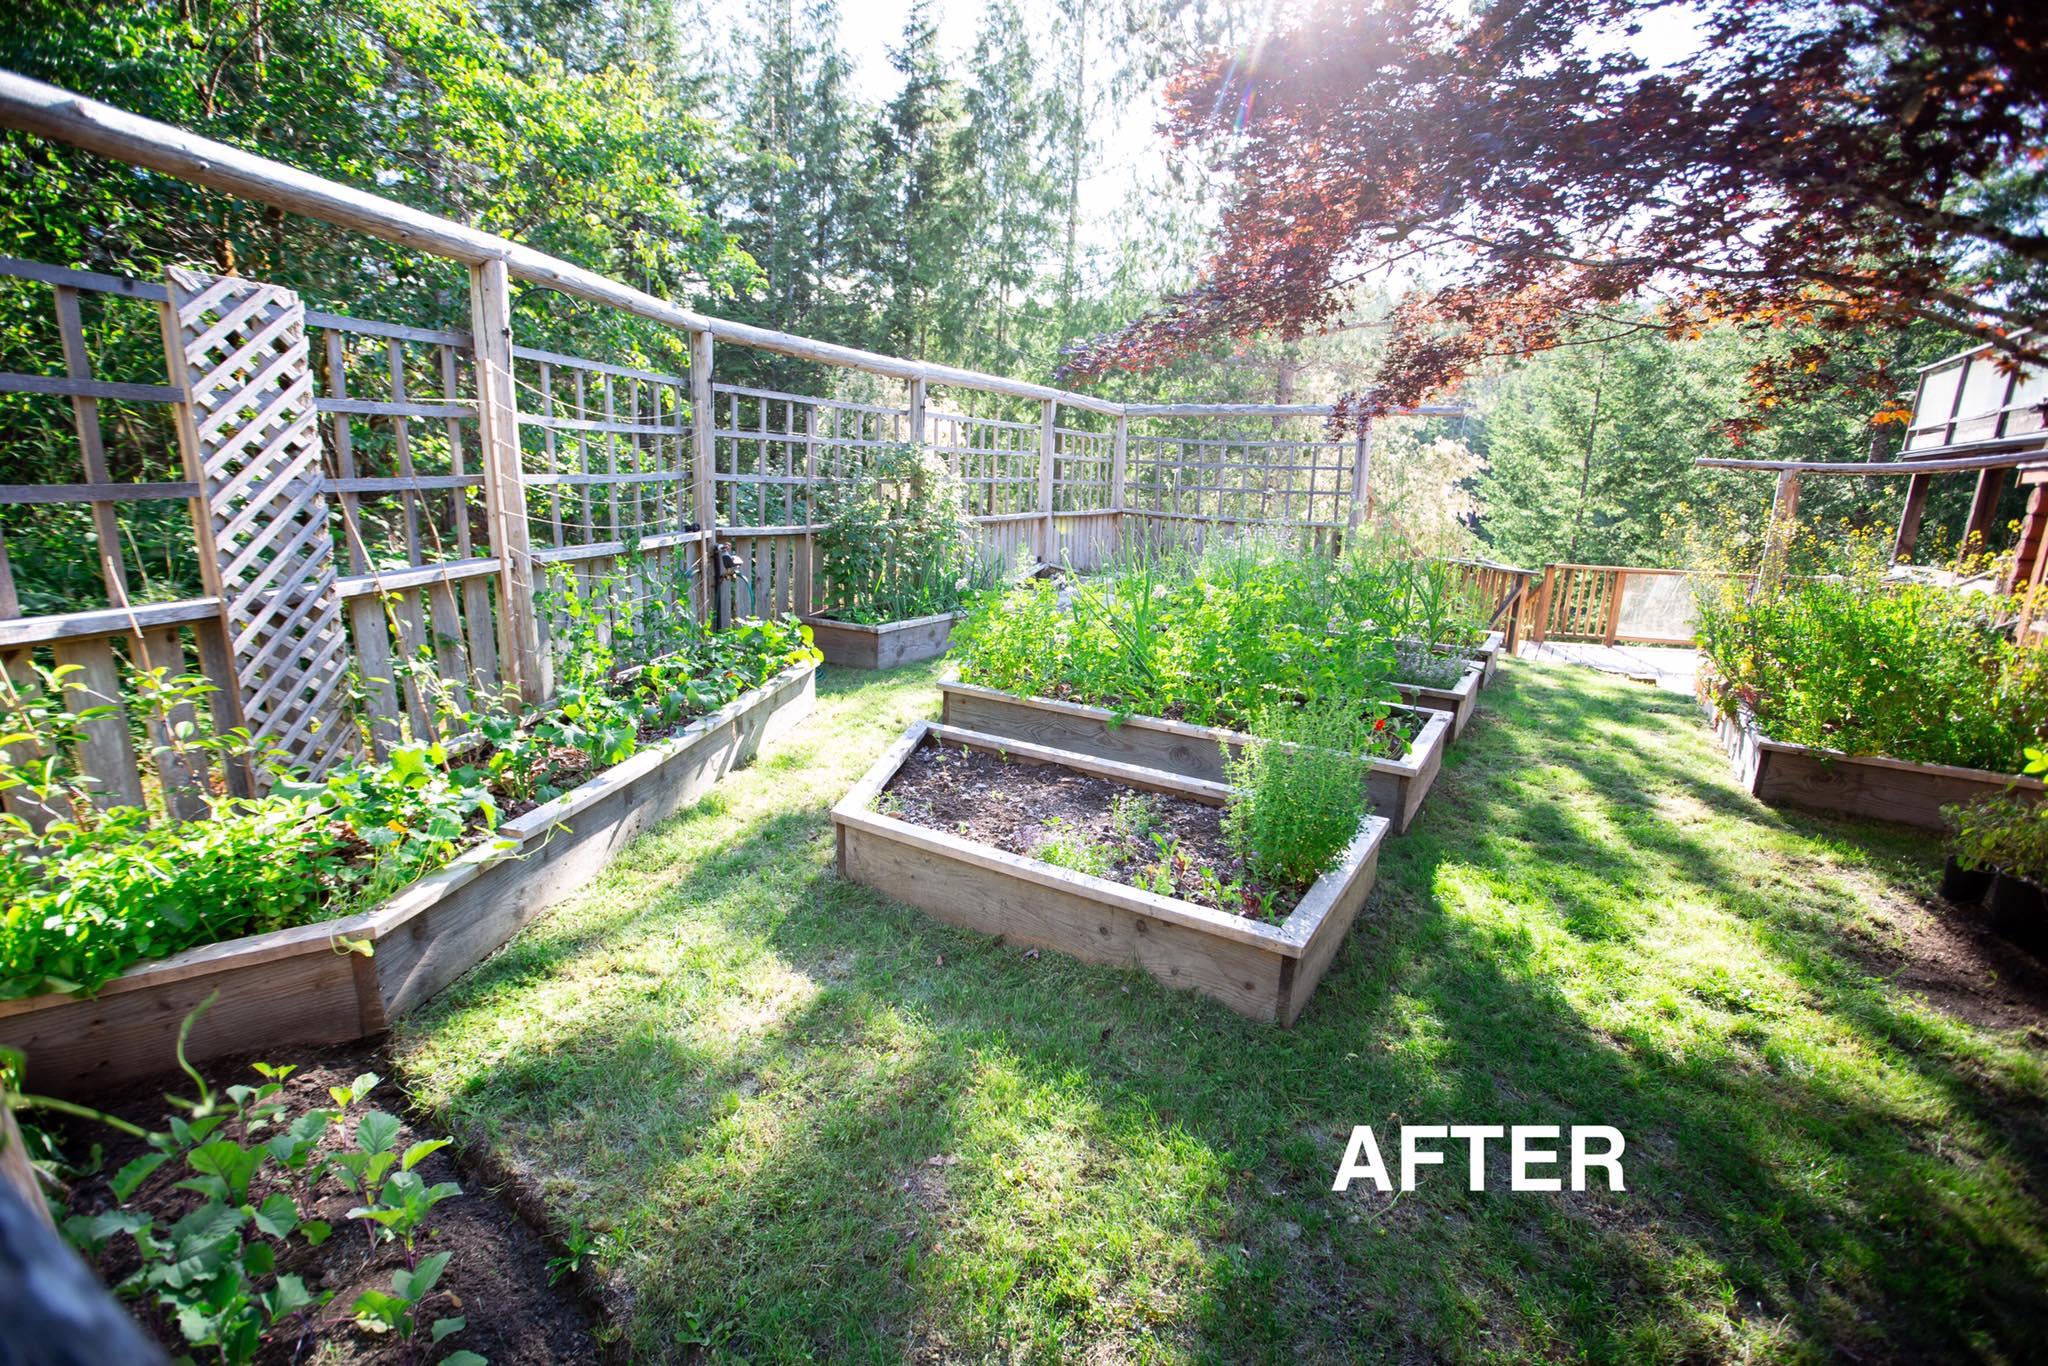 Cô gái xinh đẹp luôn tràn ngập năng lượng hạnh phúc khi trồng cả khu vườn toàn rau quả sạch-27